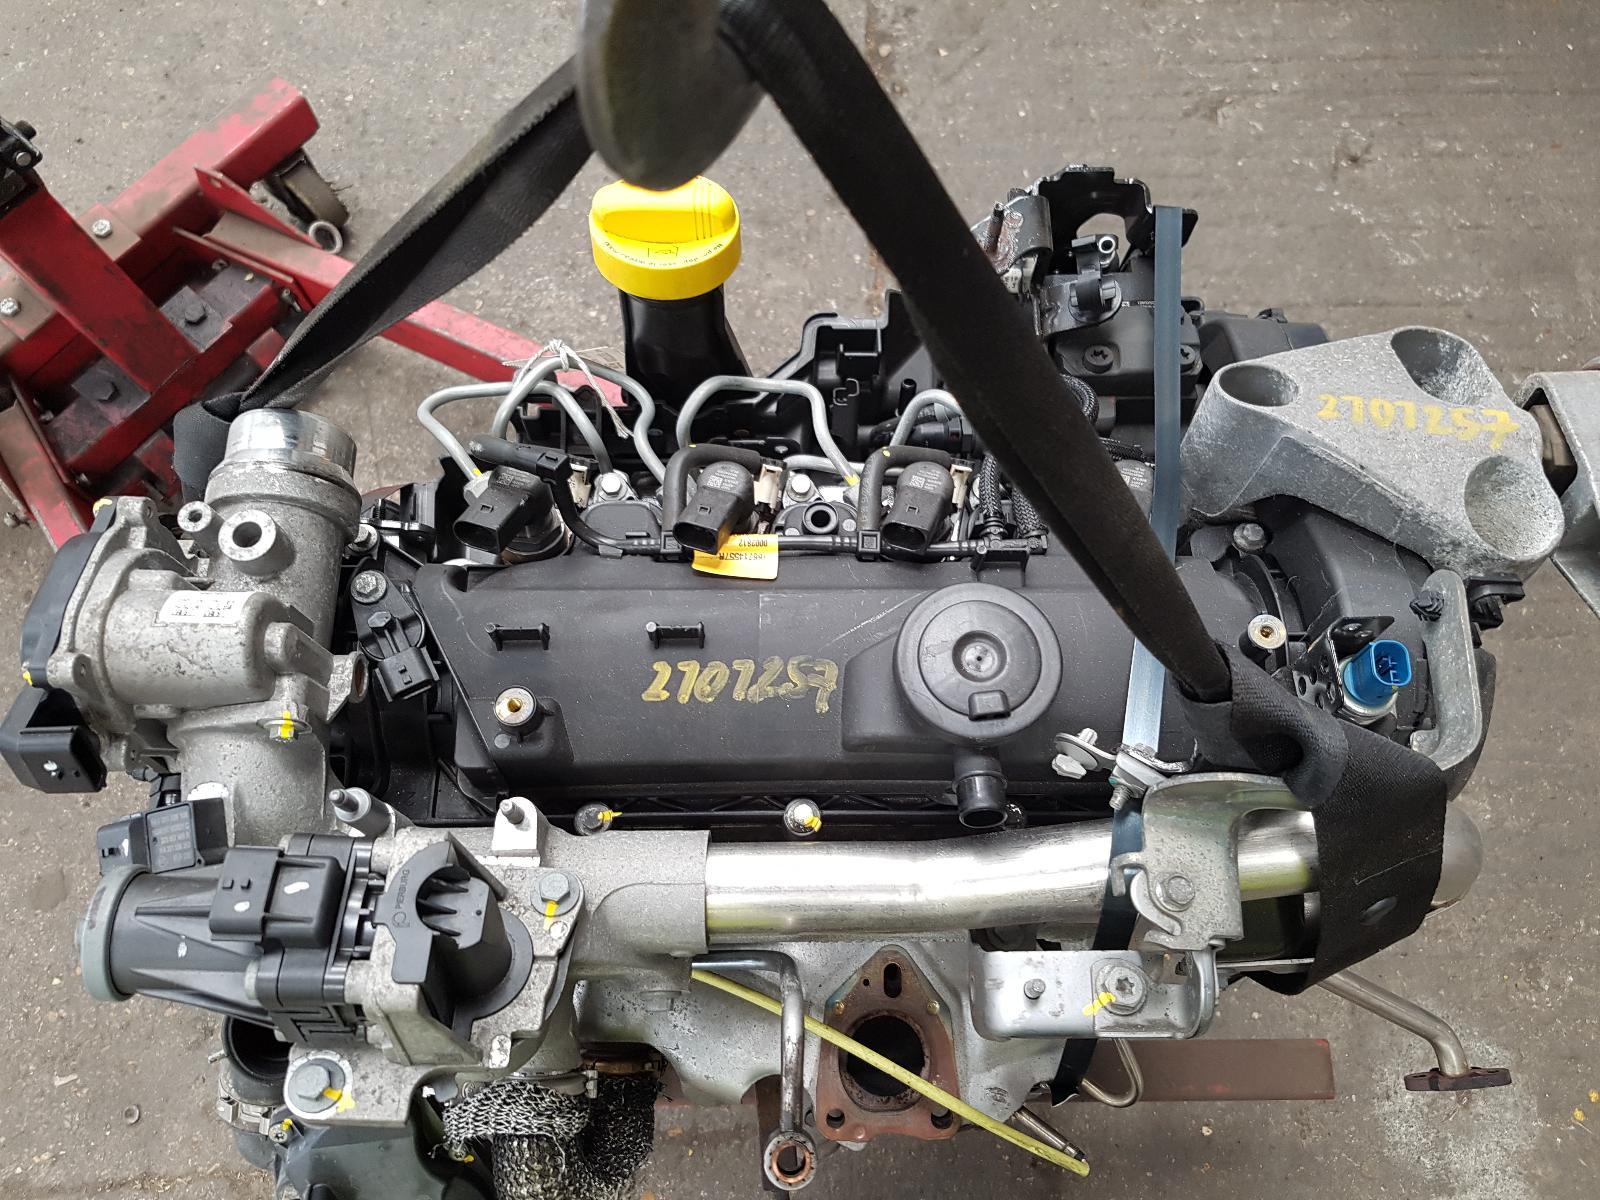 Image for a 2016 Nissan Nv200 1.5 Diesel  Engine